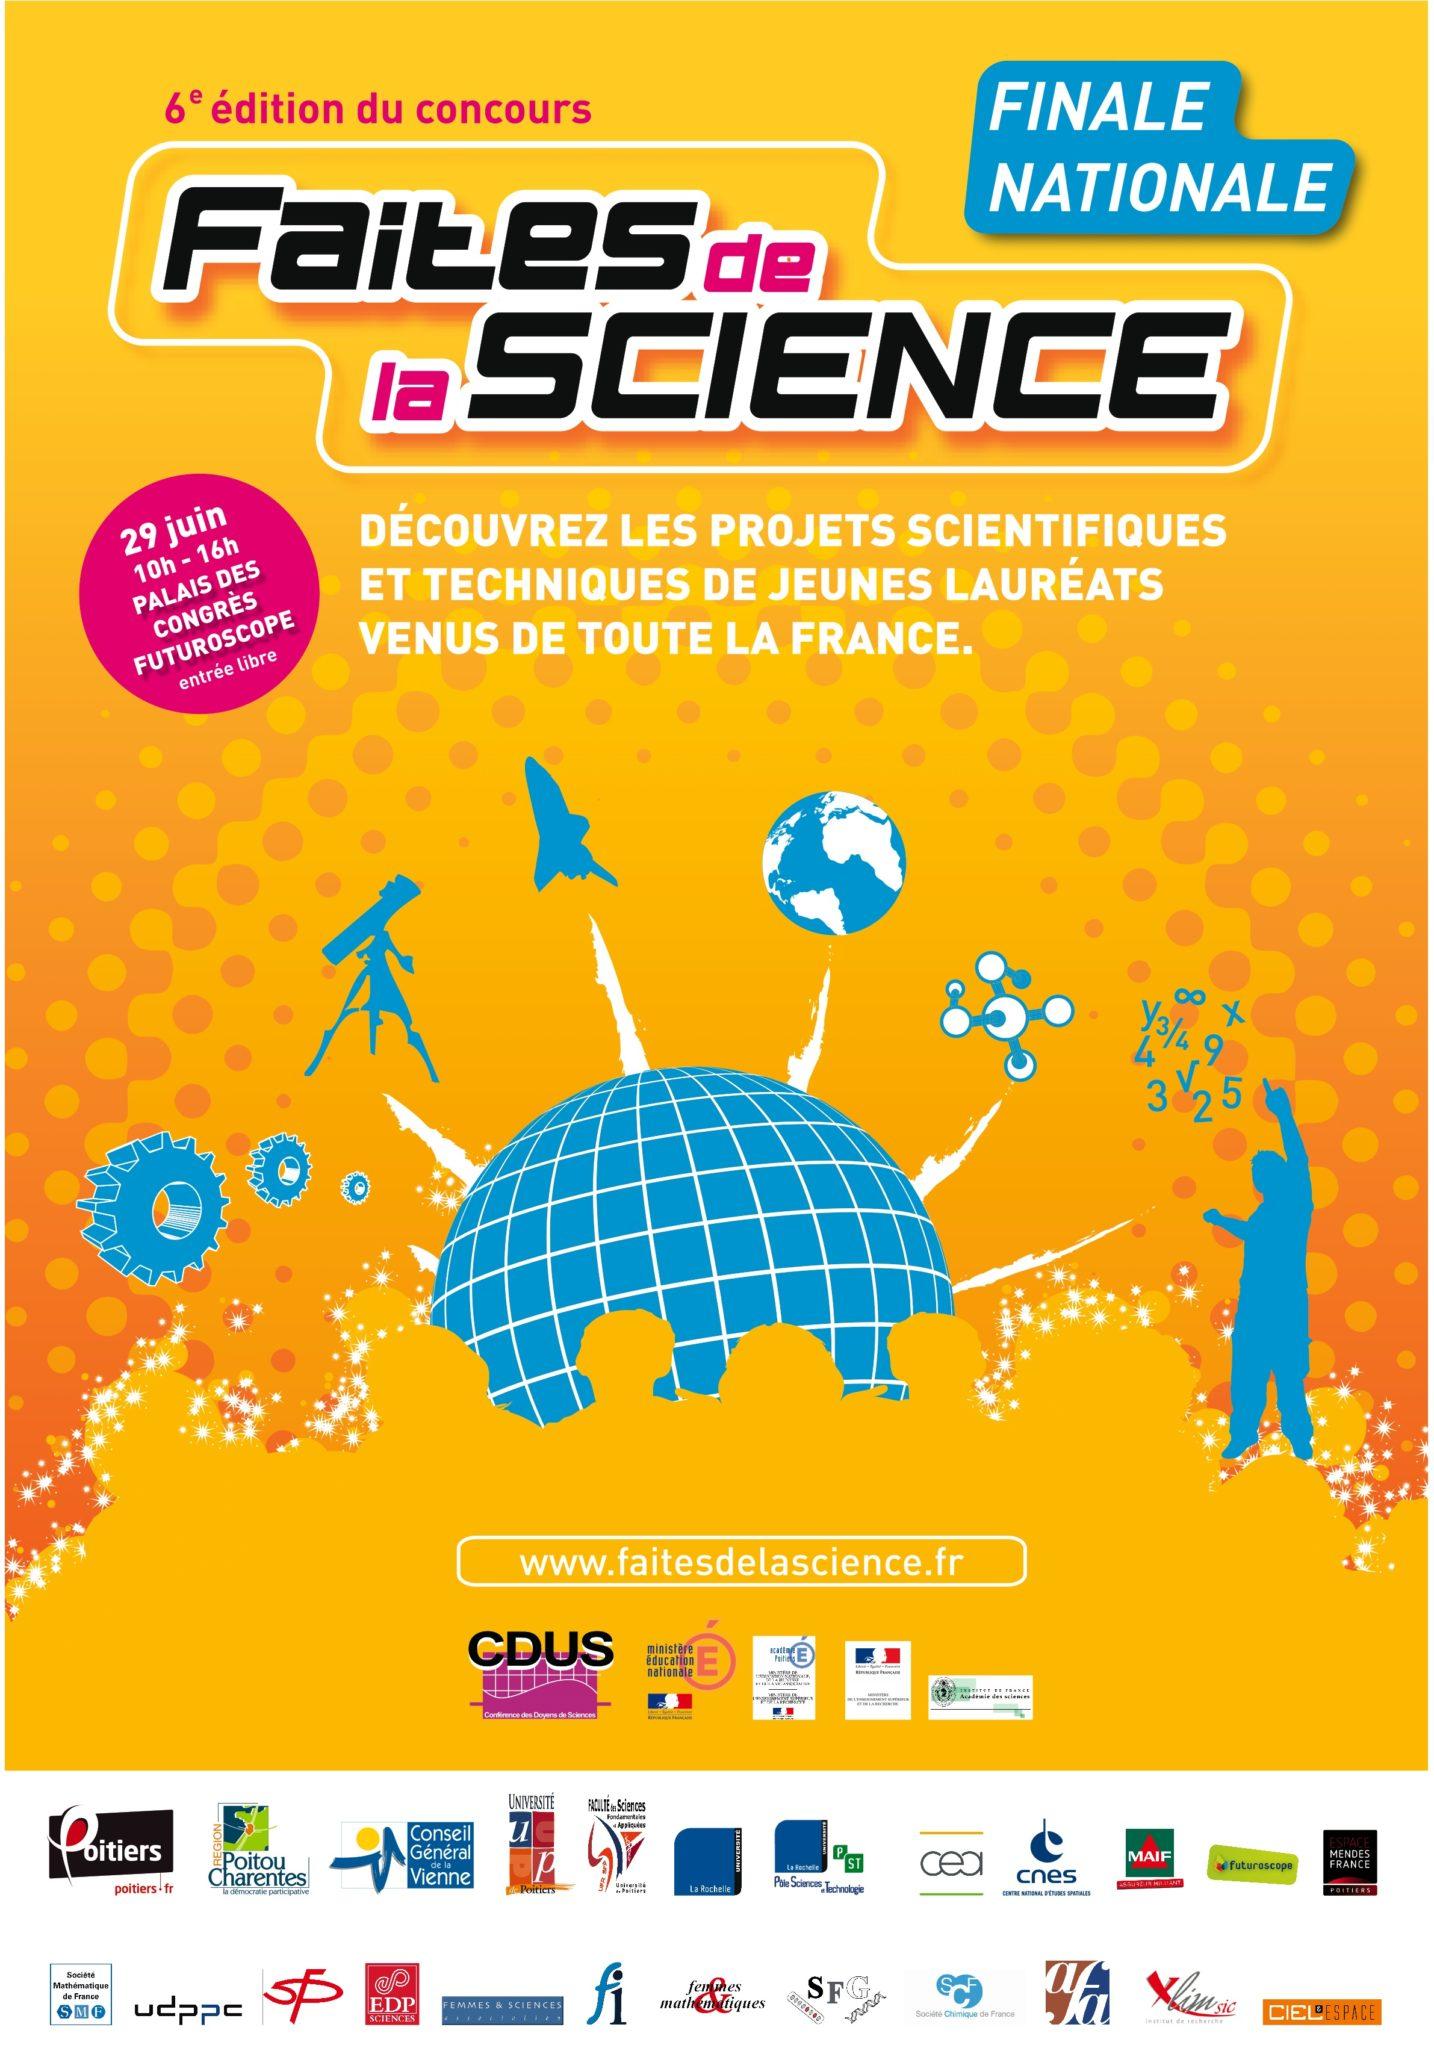 Finale nationale de la 6e édition du concours Faites de la science